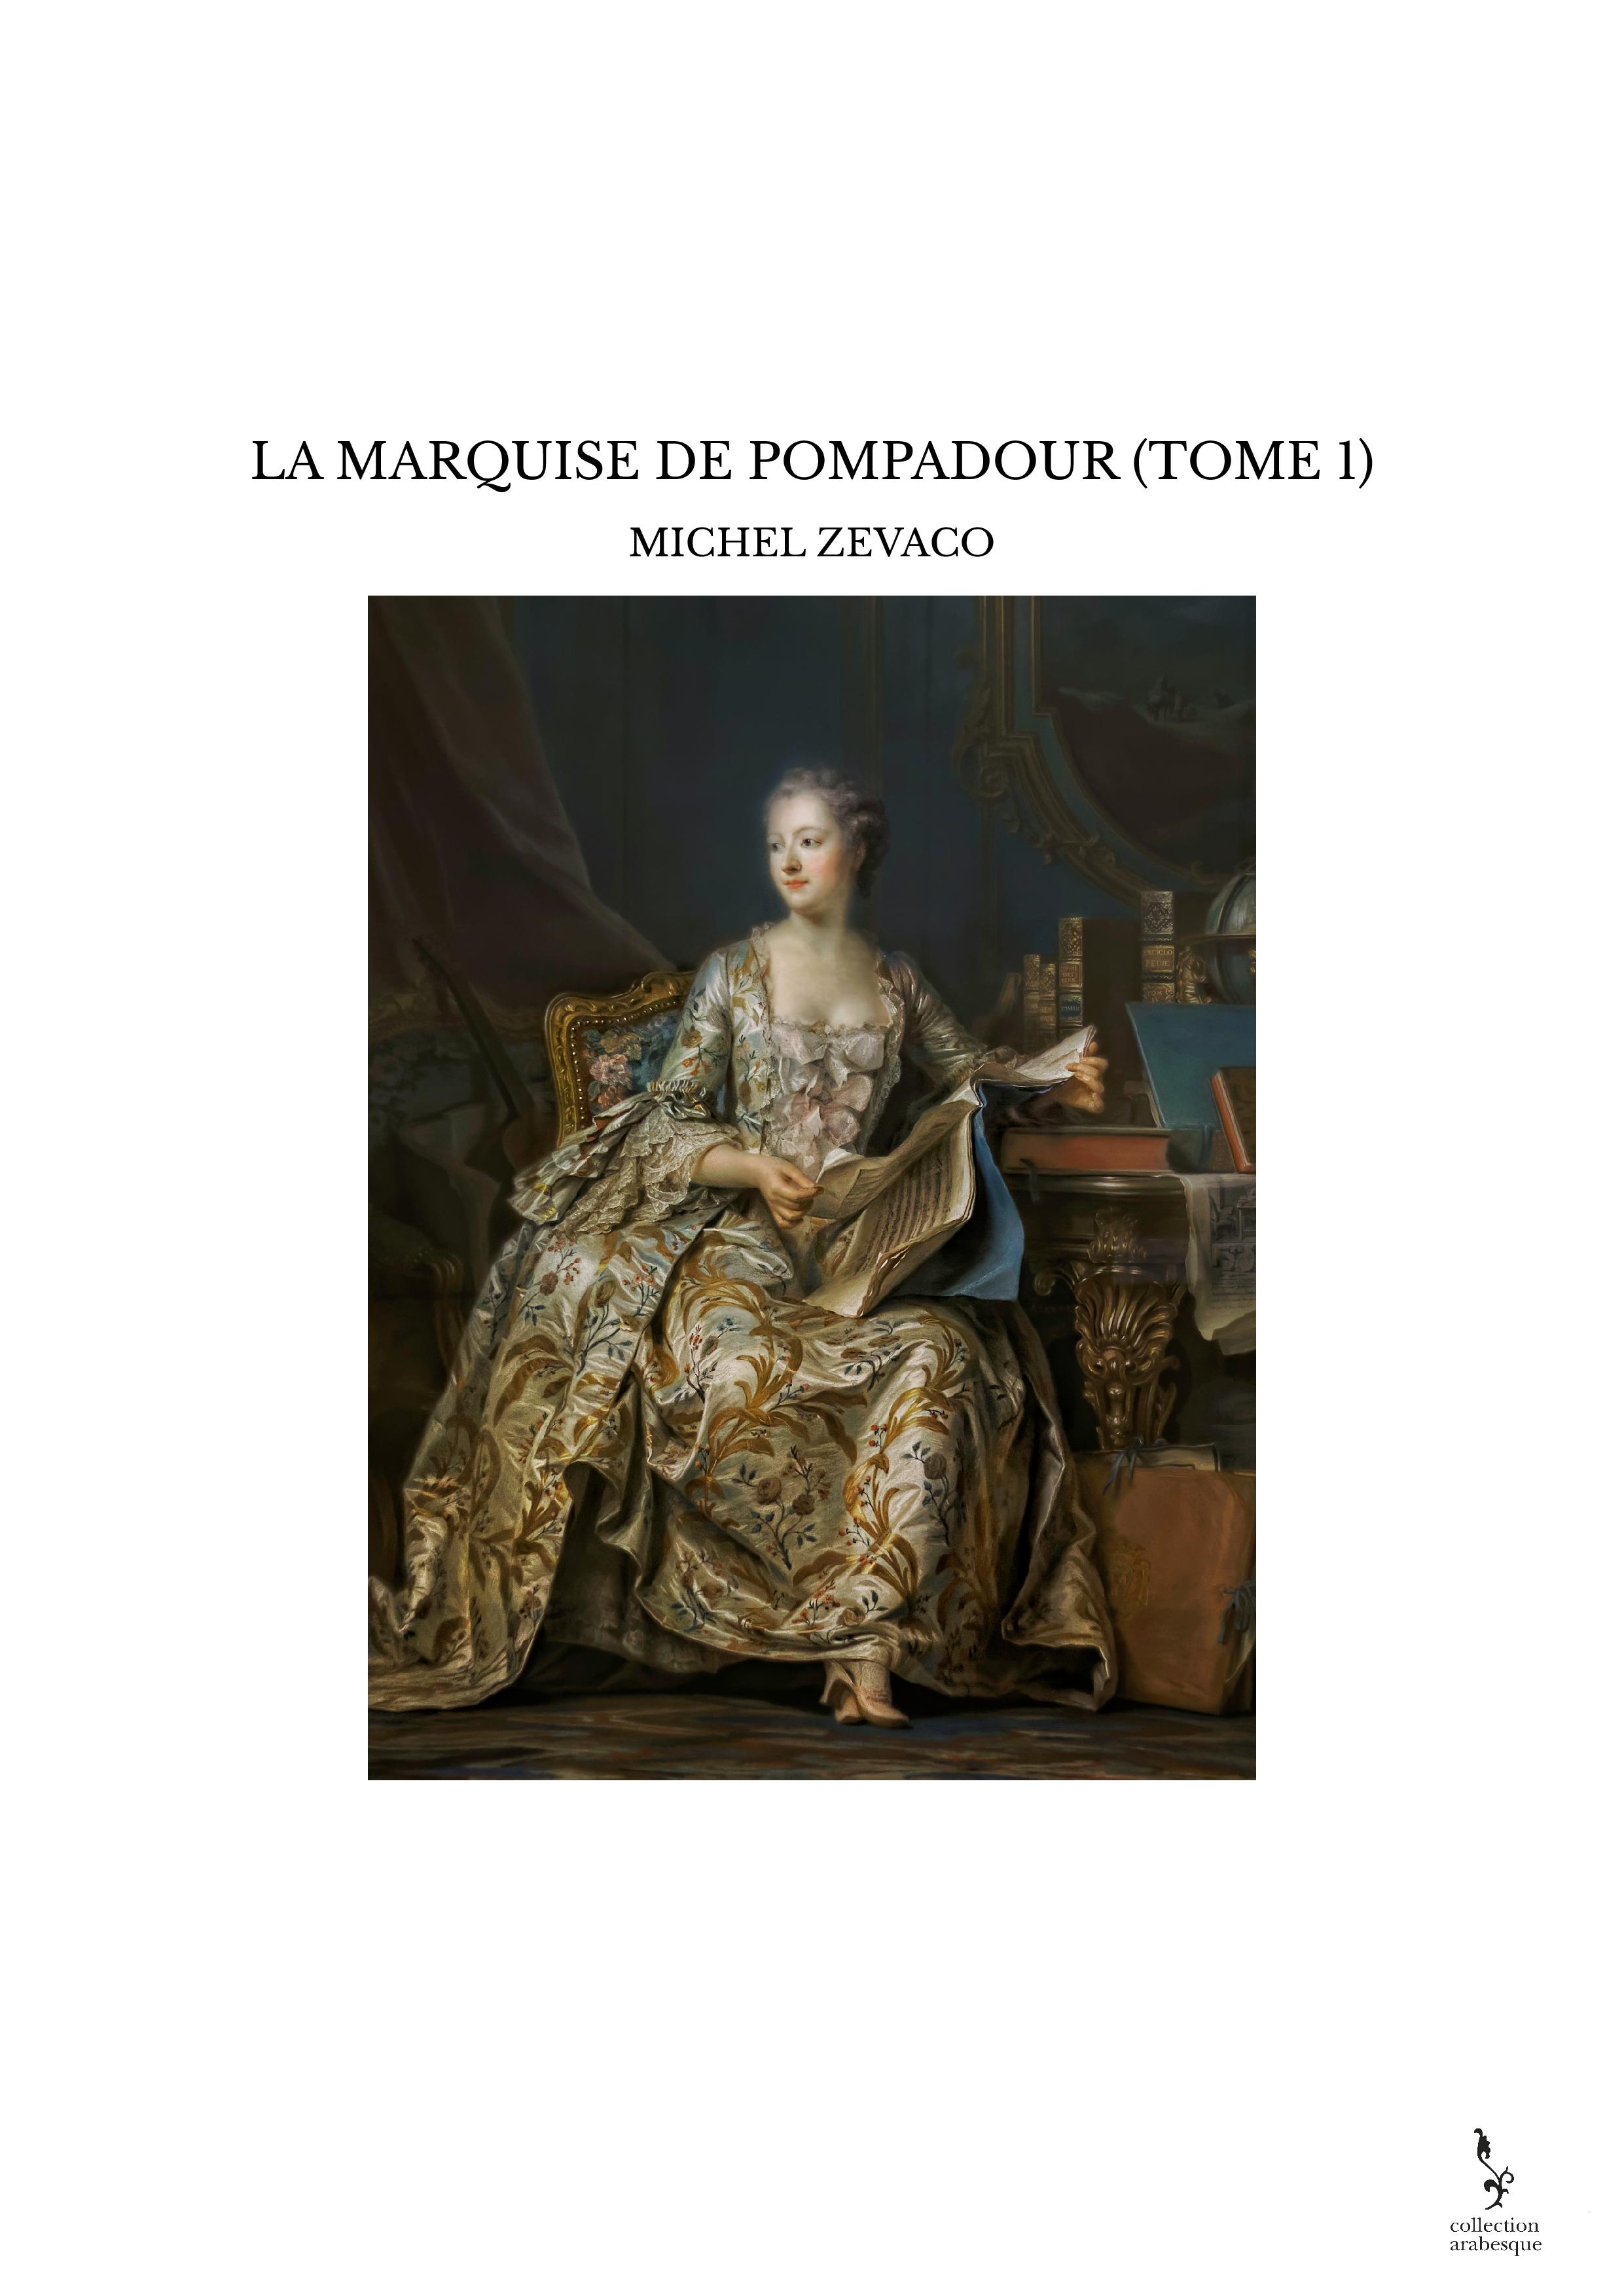 LA MARQUISE DE POMPADOUR (TOME 1)